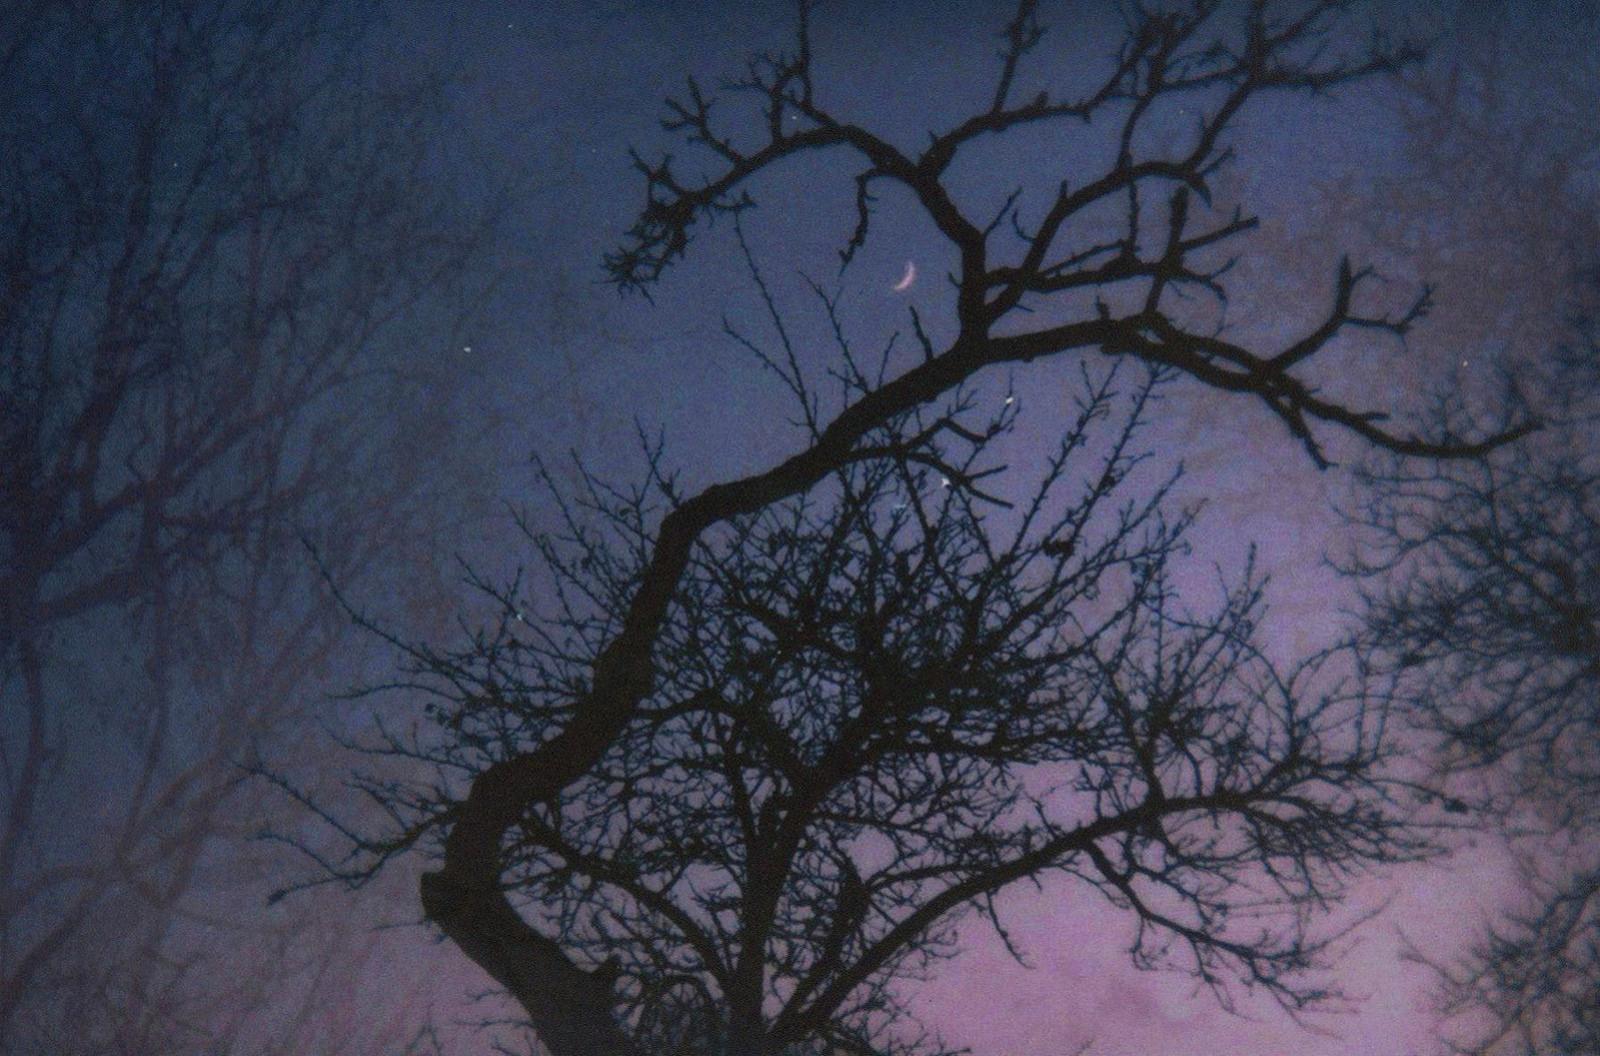 я літатиму довго над лісом осіннім